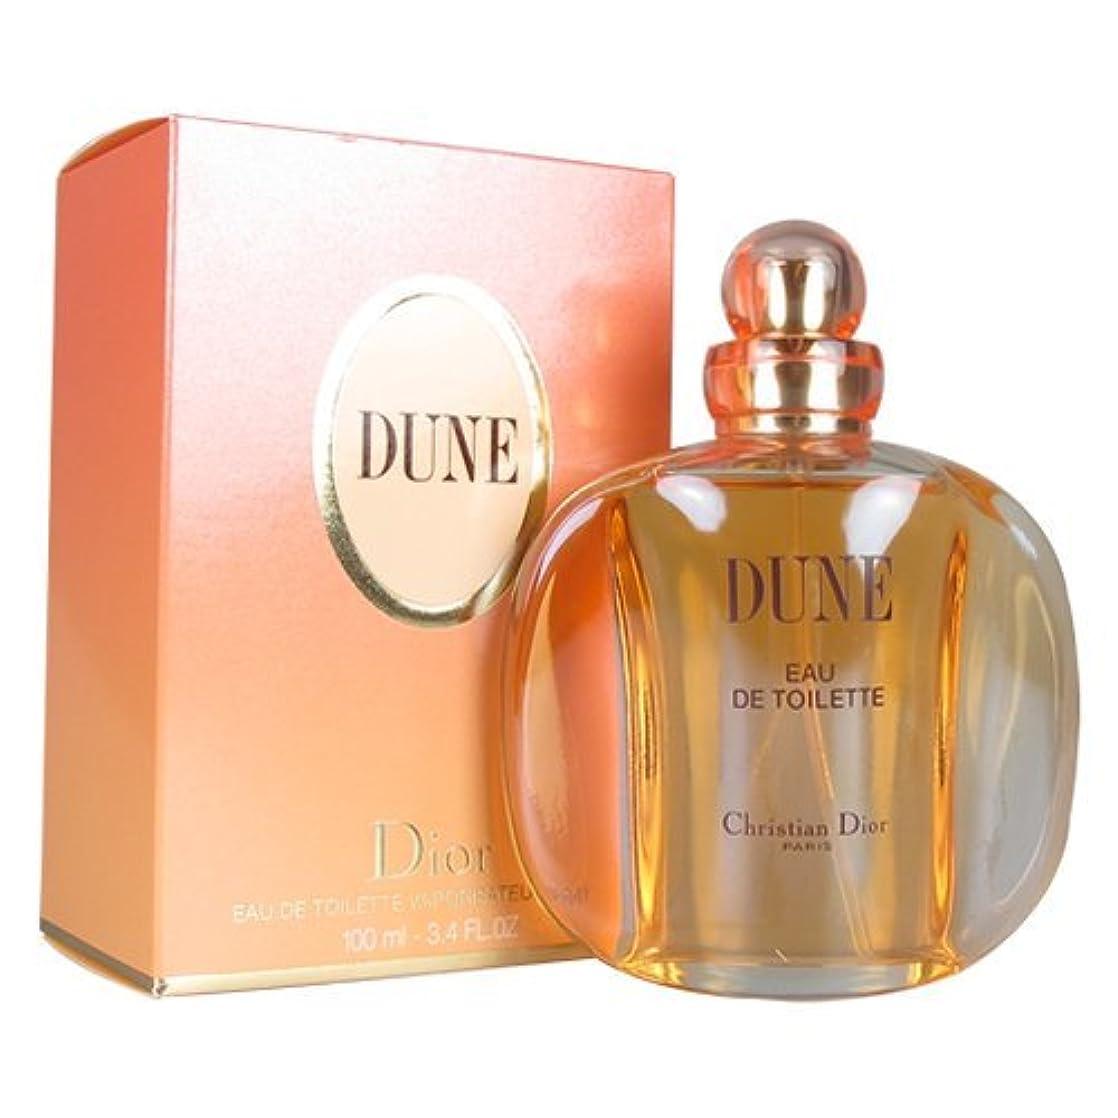 ミルク聴くキャプテンクリスチャン ディオール(Christian Dior) デューン オードゥ トワレ 100ml[並行輸入品]